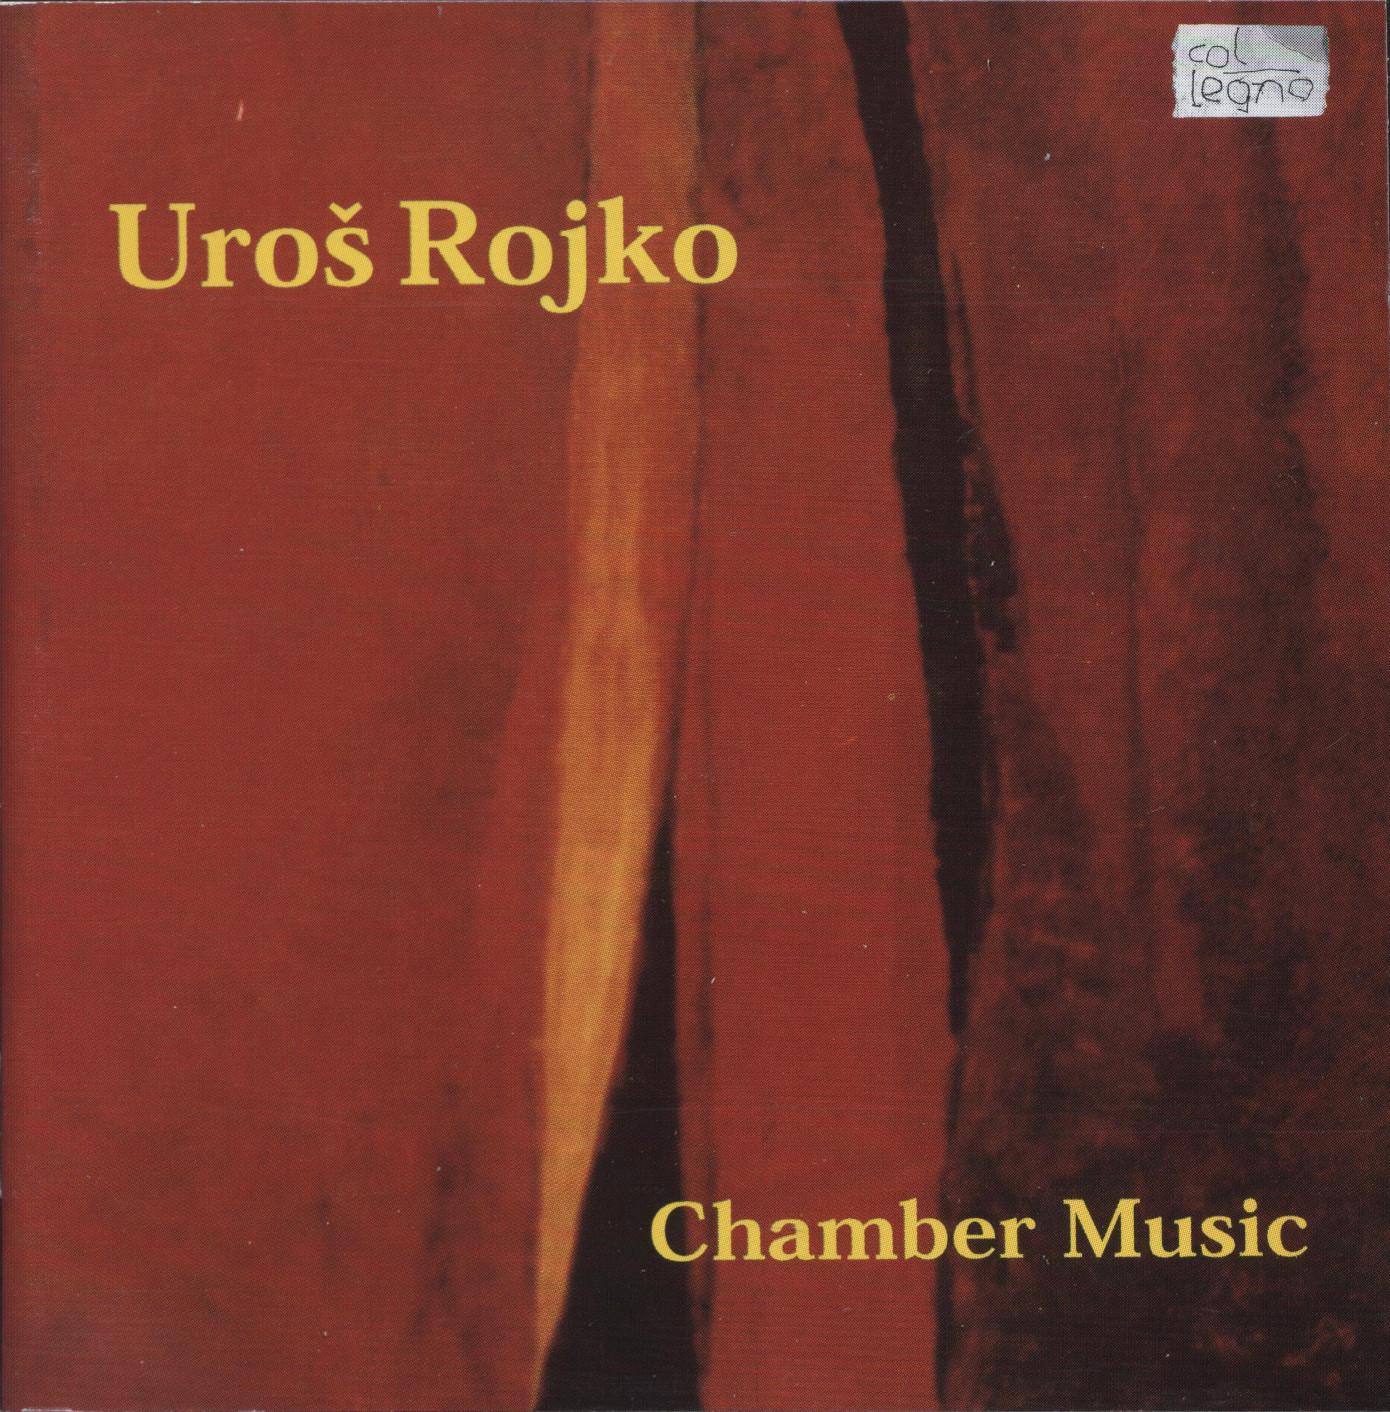 uros rojko - chamber music